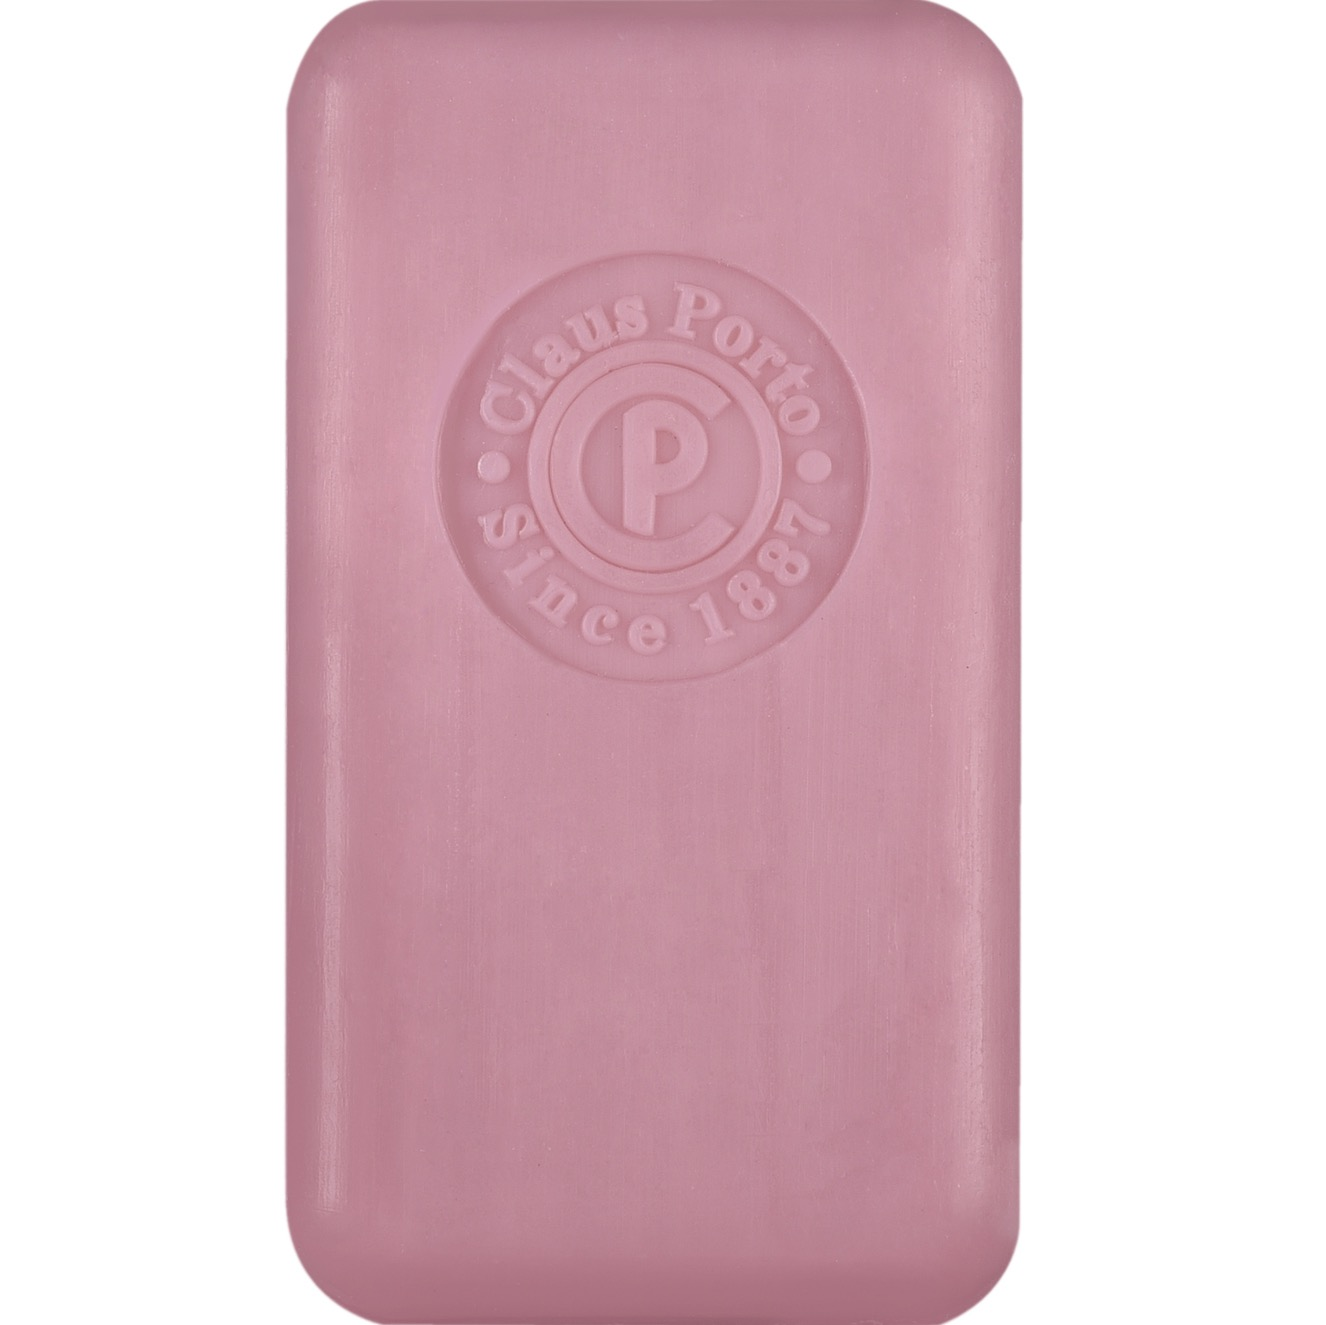 Mini Soap Bar Smart - Rosa